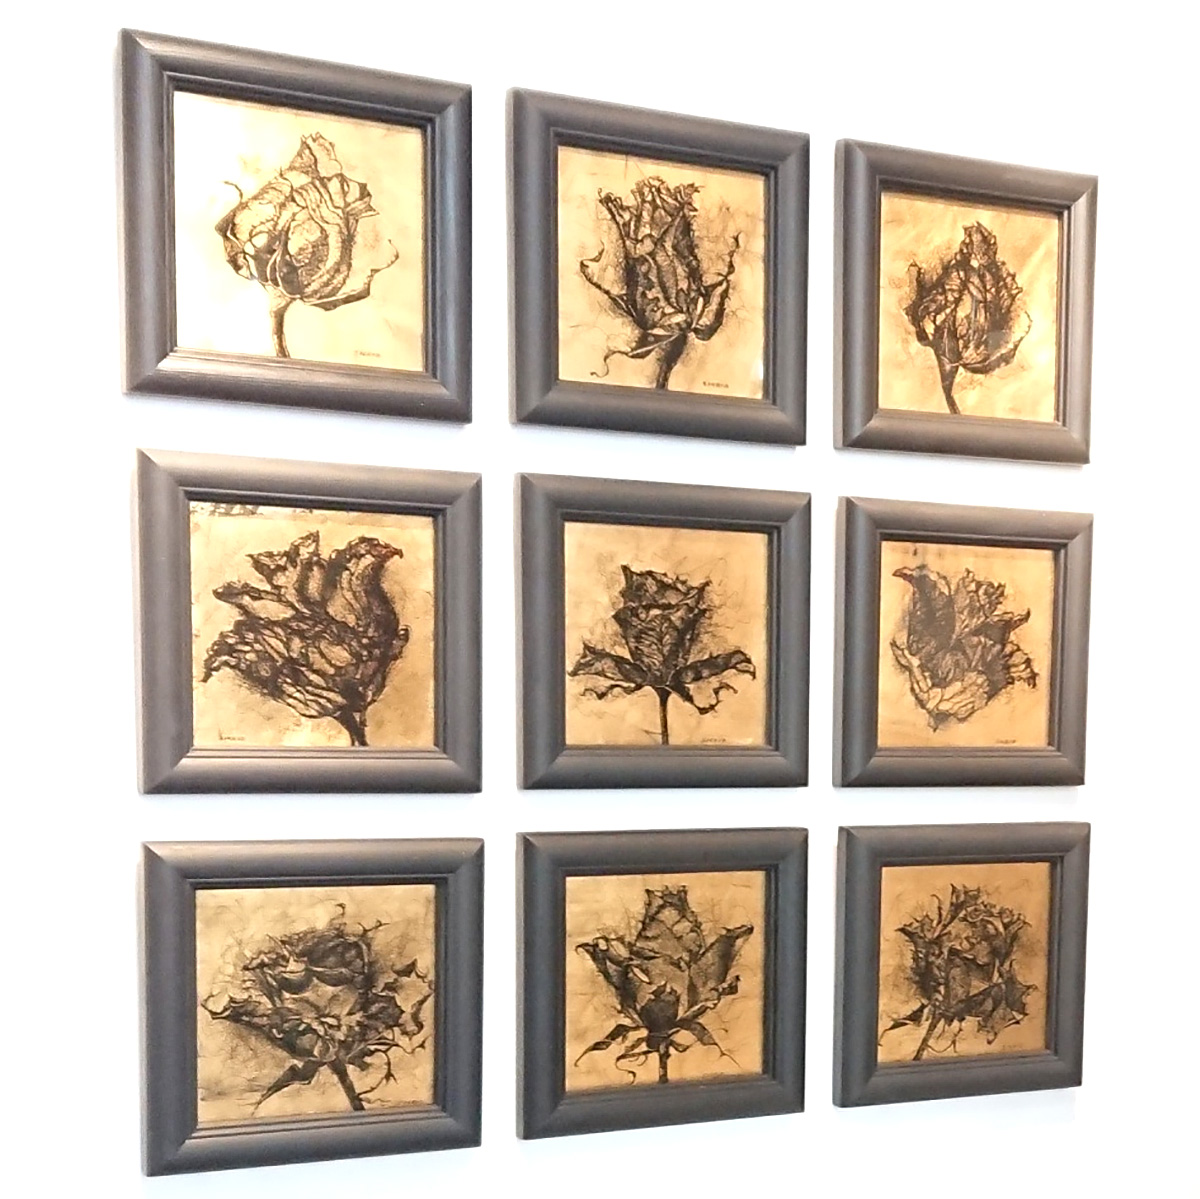 Sigrid Shone, 'Rose', Verre eglomise: Dutch metal leaf on glass